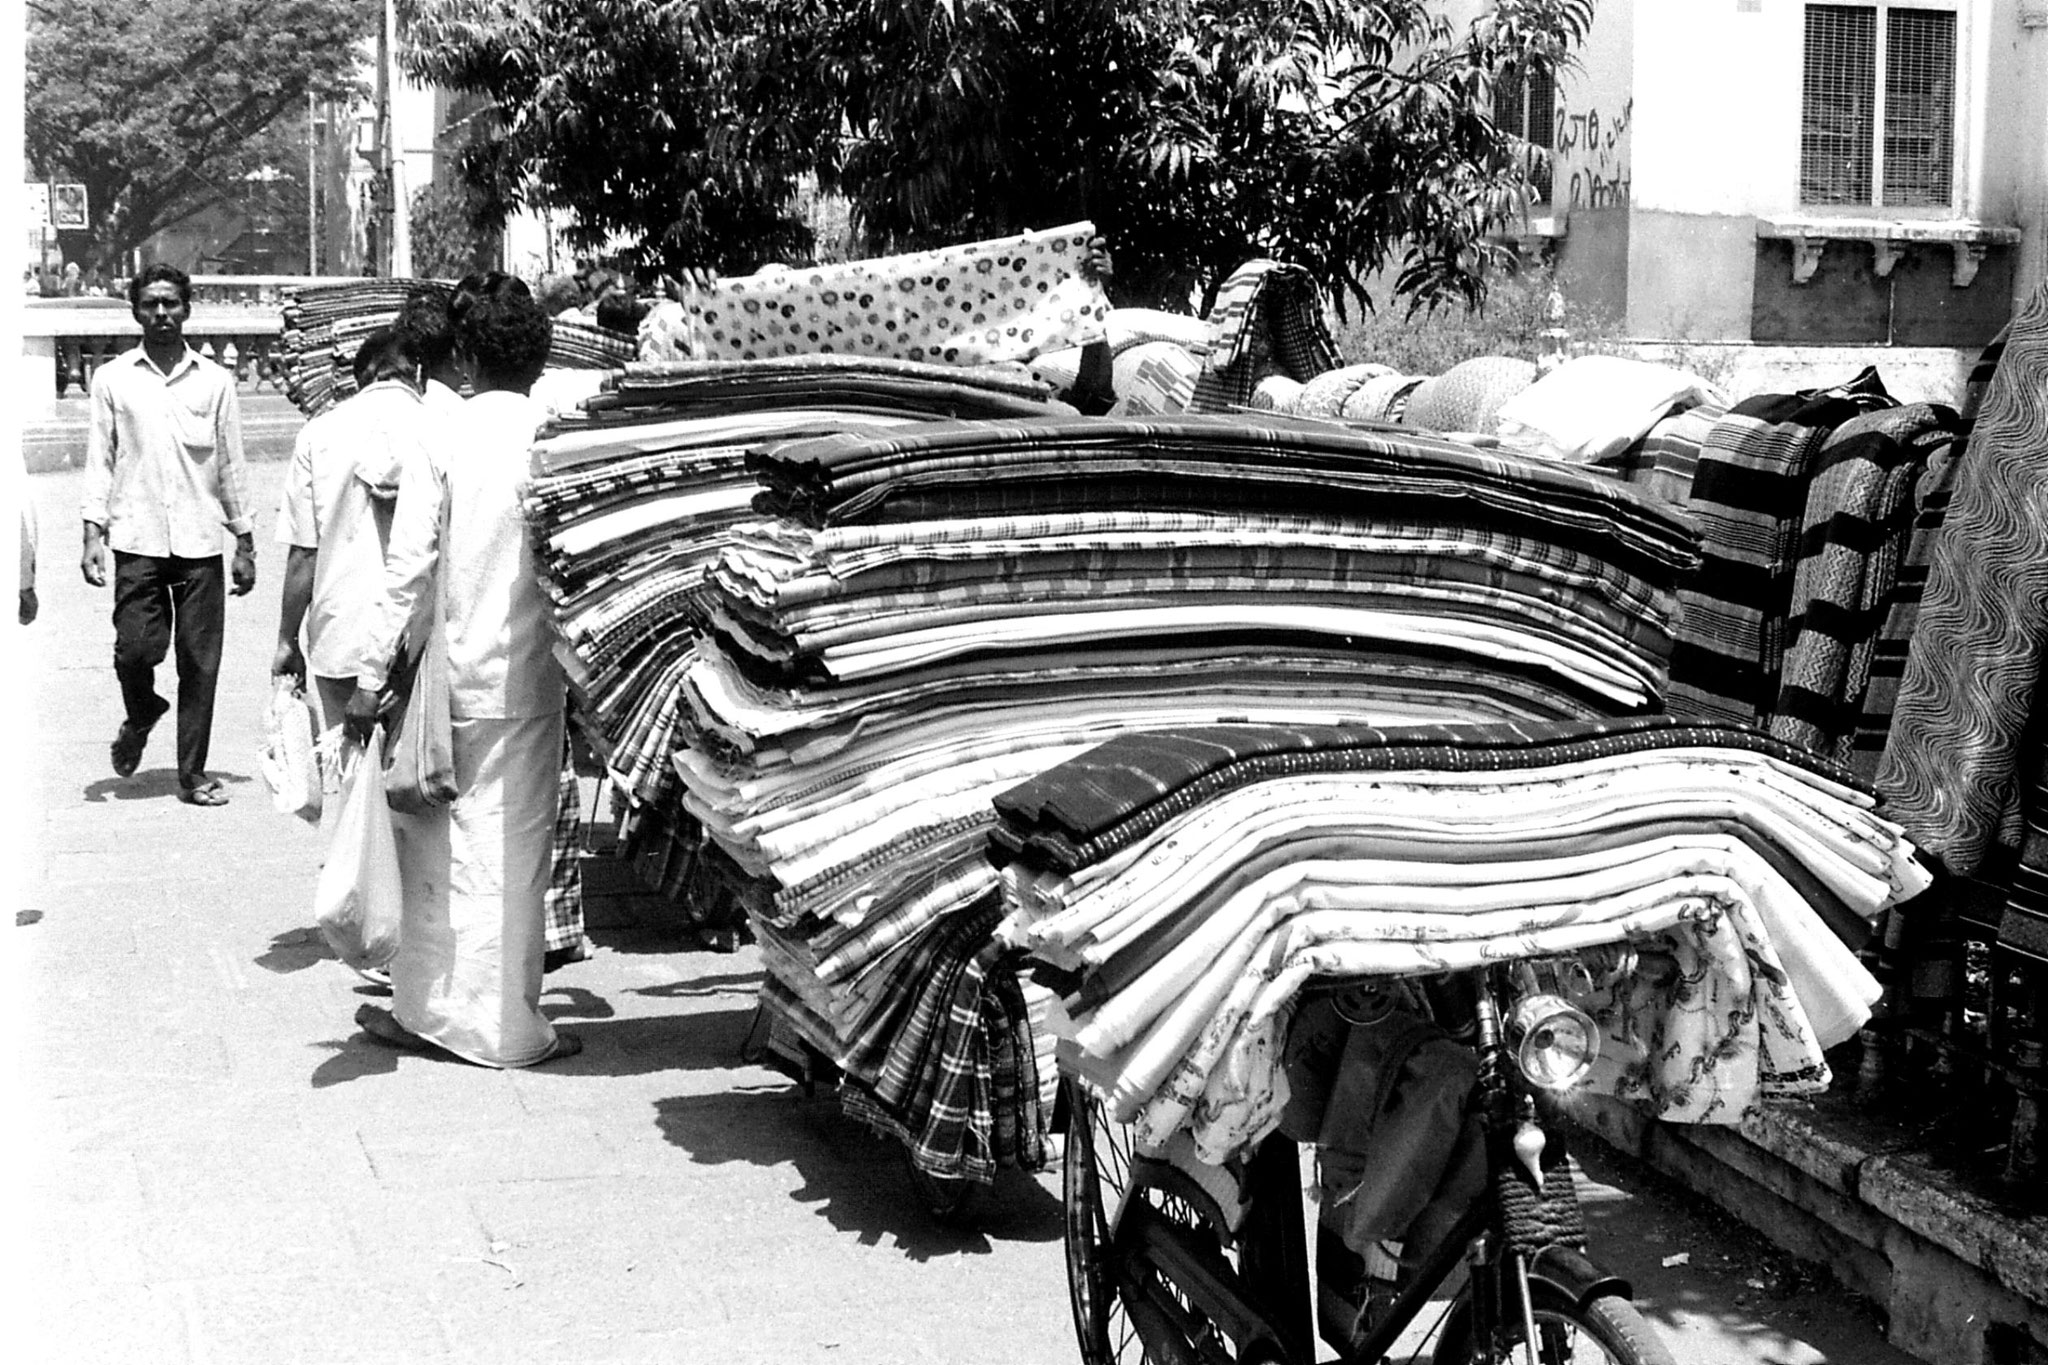 14/3/90: 27: Mysore